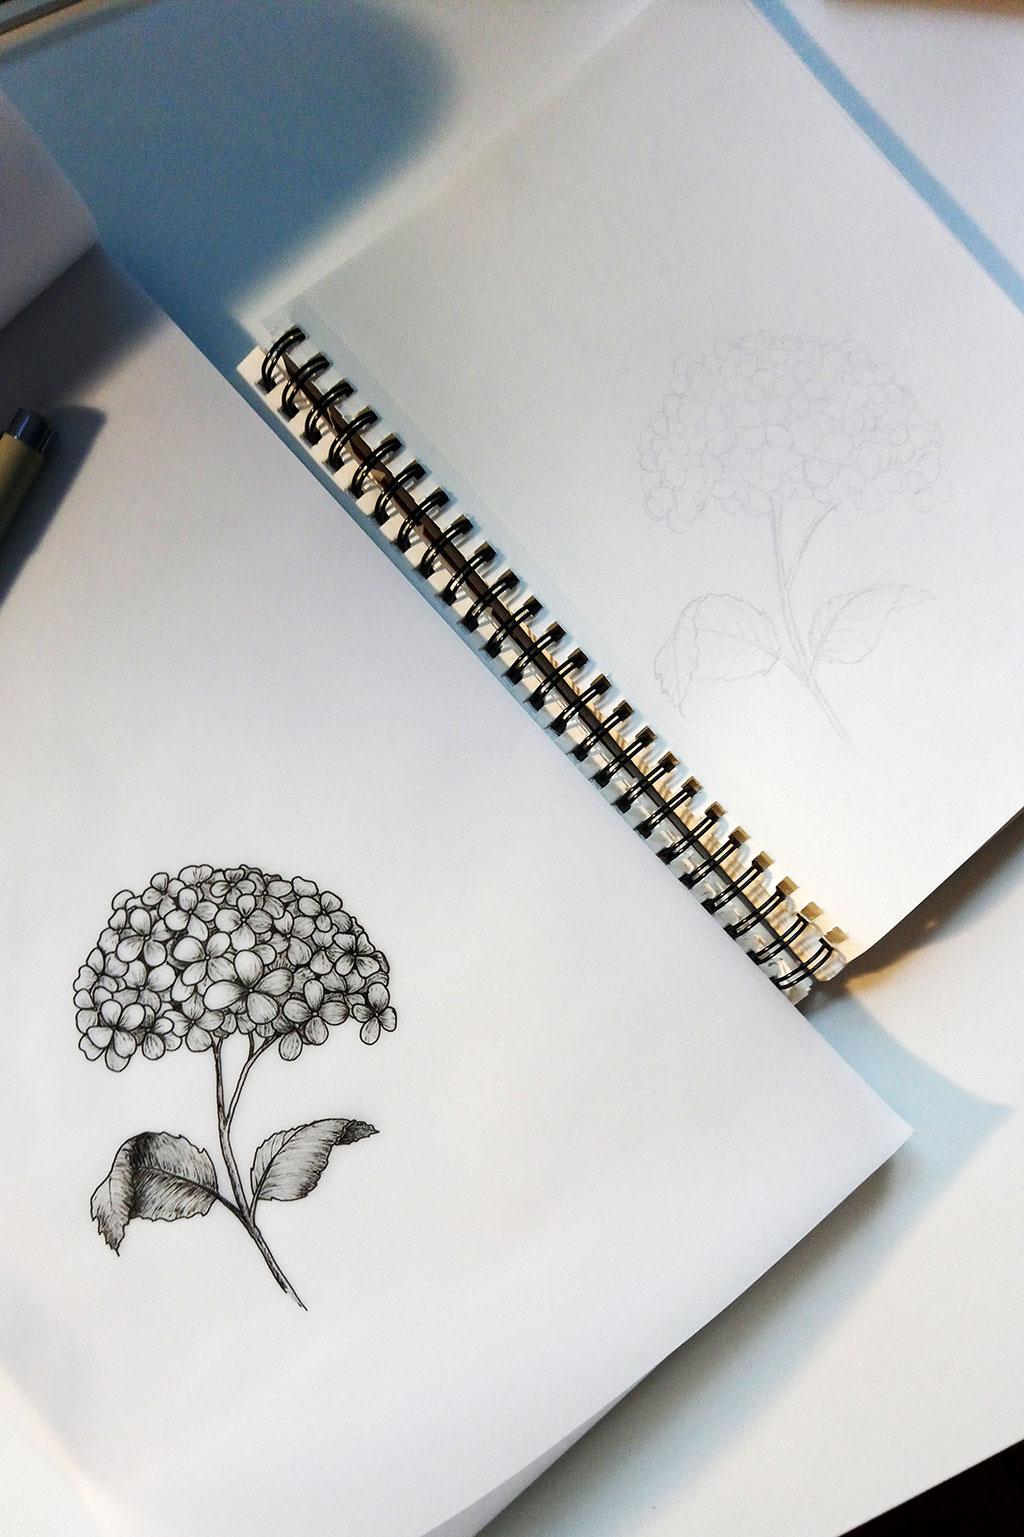 fertige Illustration und Bleistift-Skizze